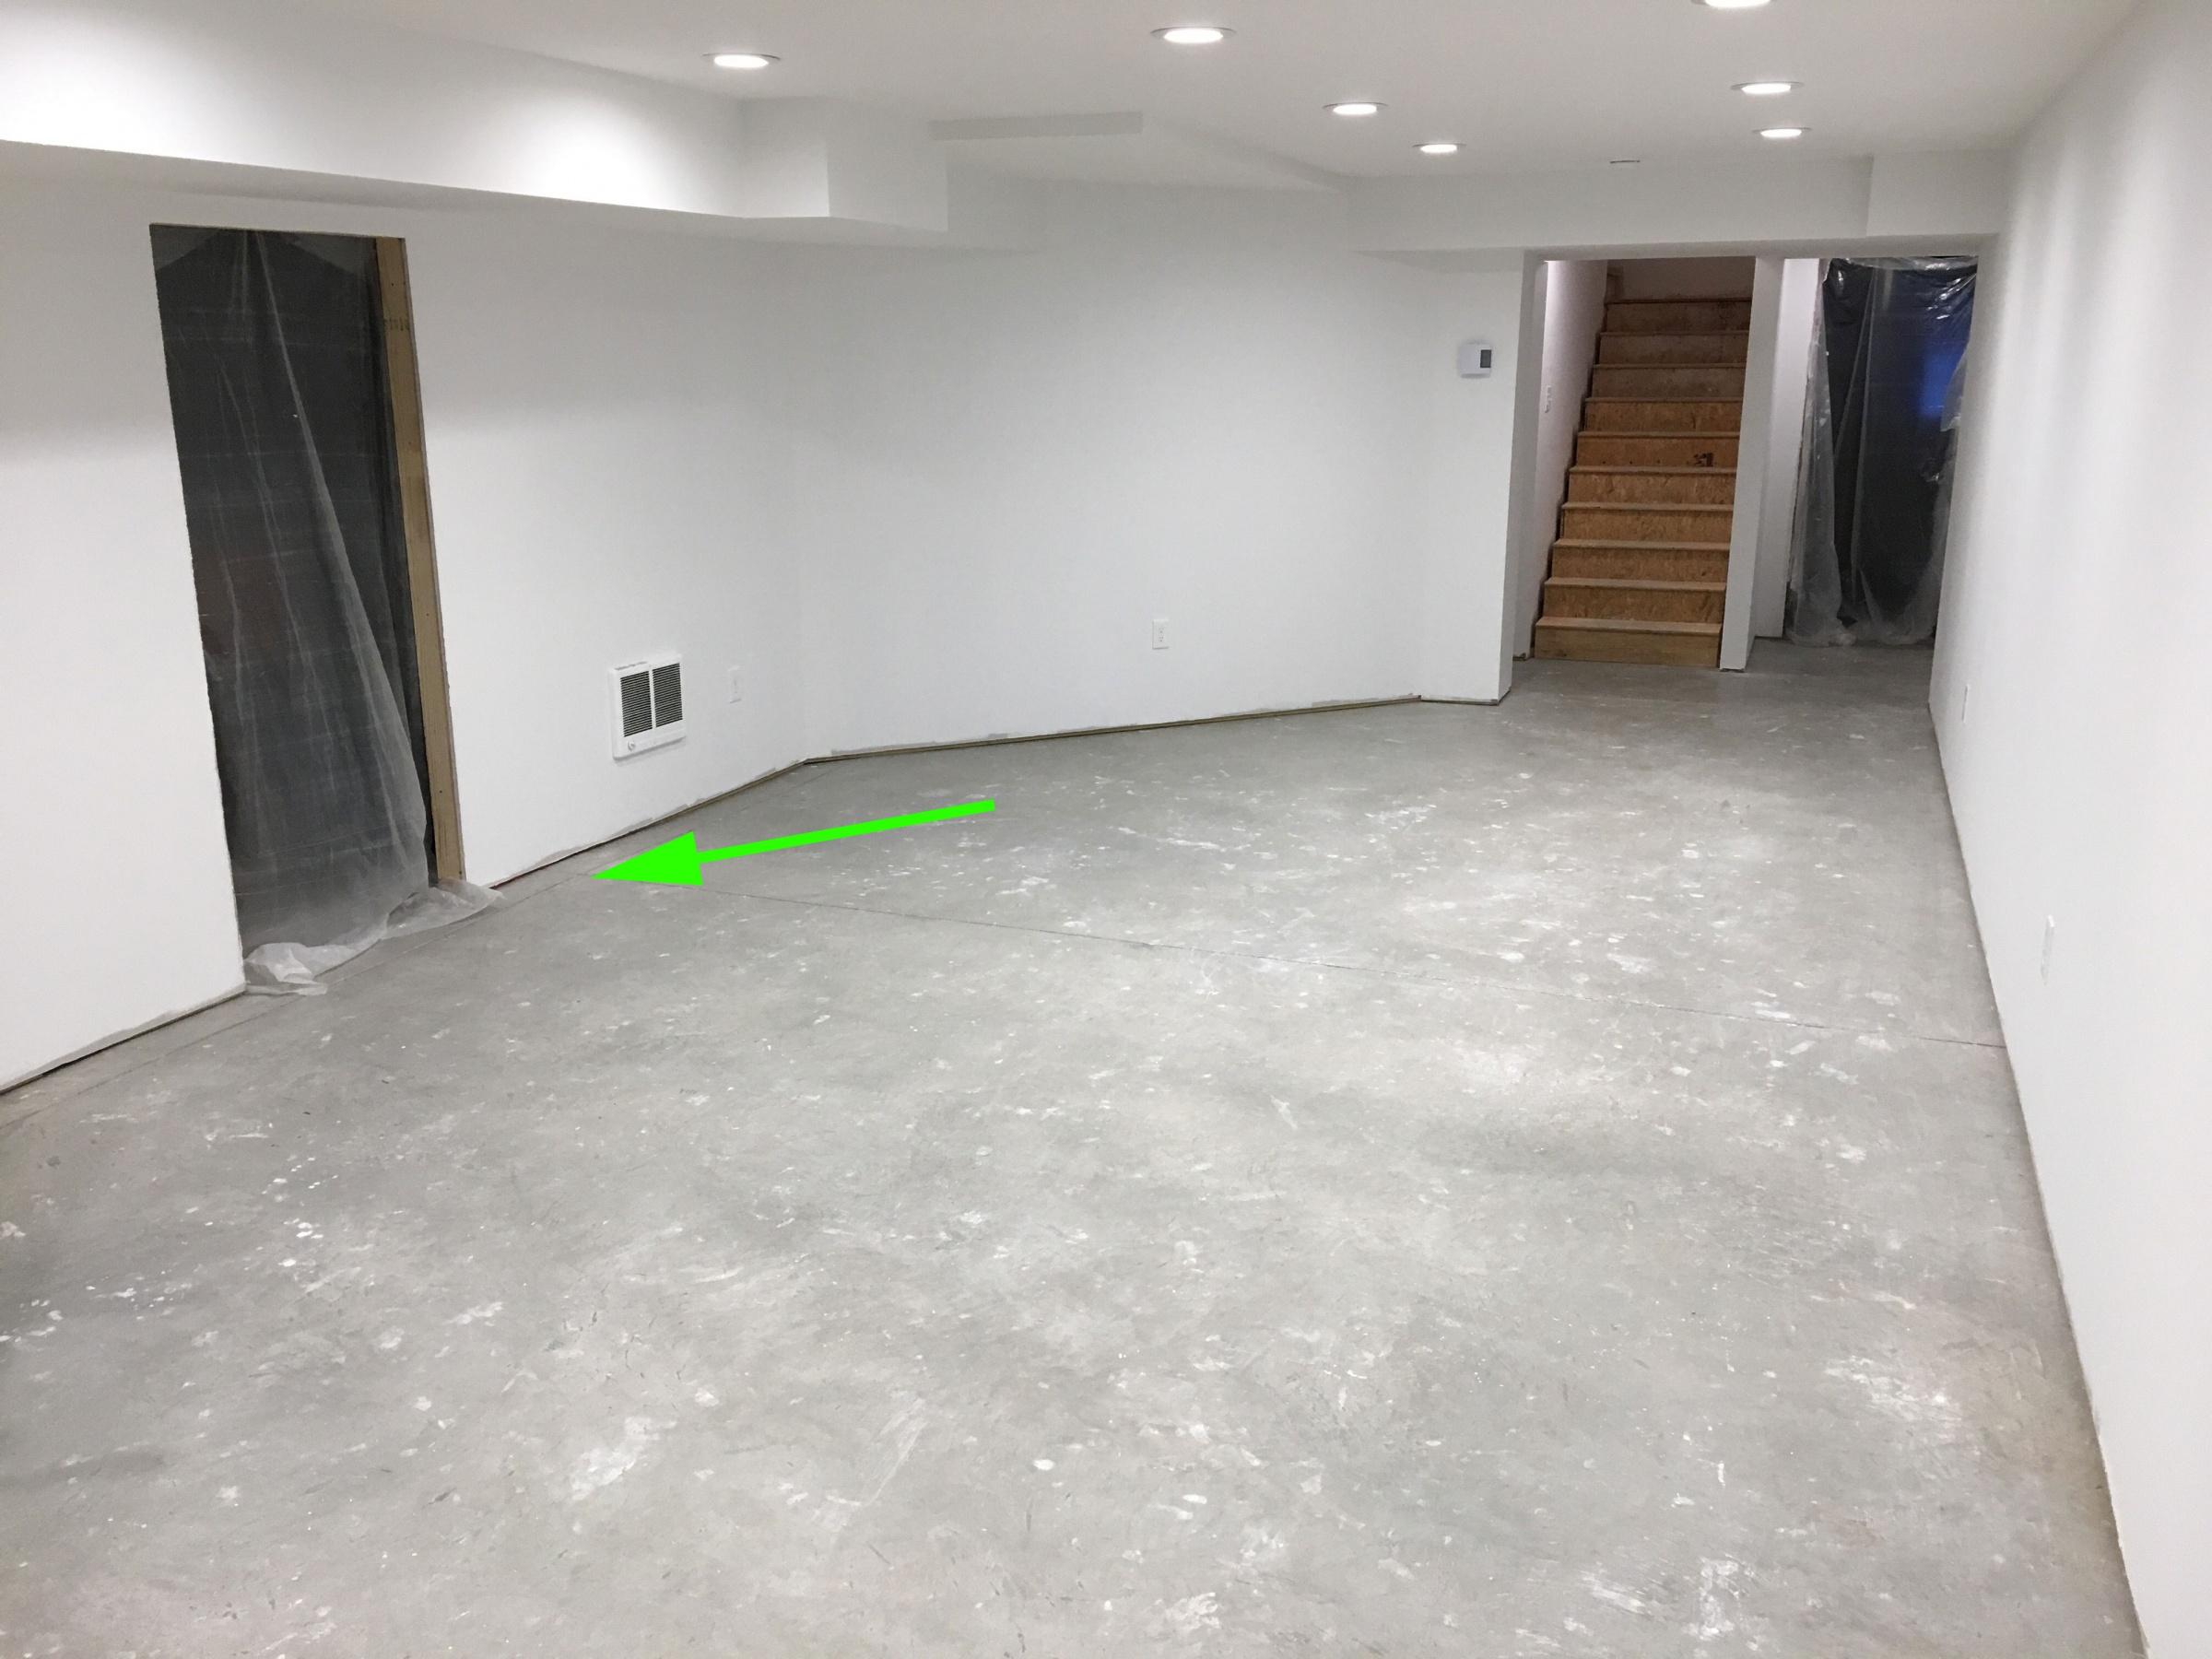 LVP on uneven basement floor?-img_2371.jpg